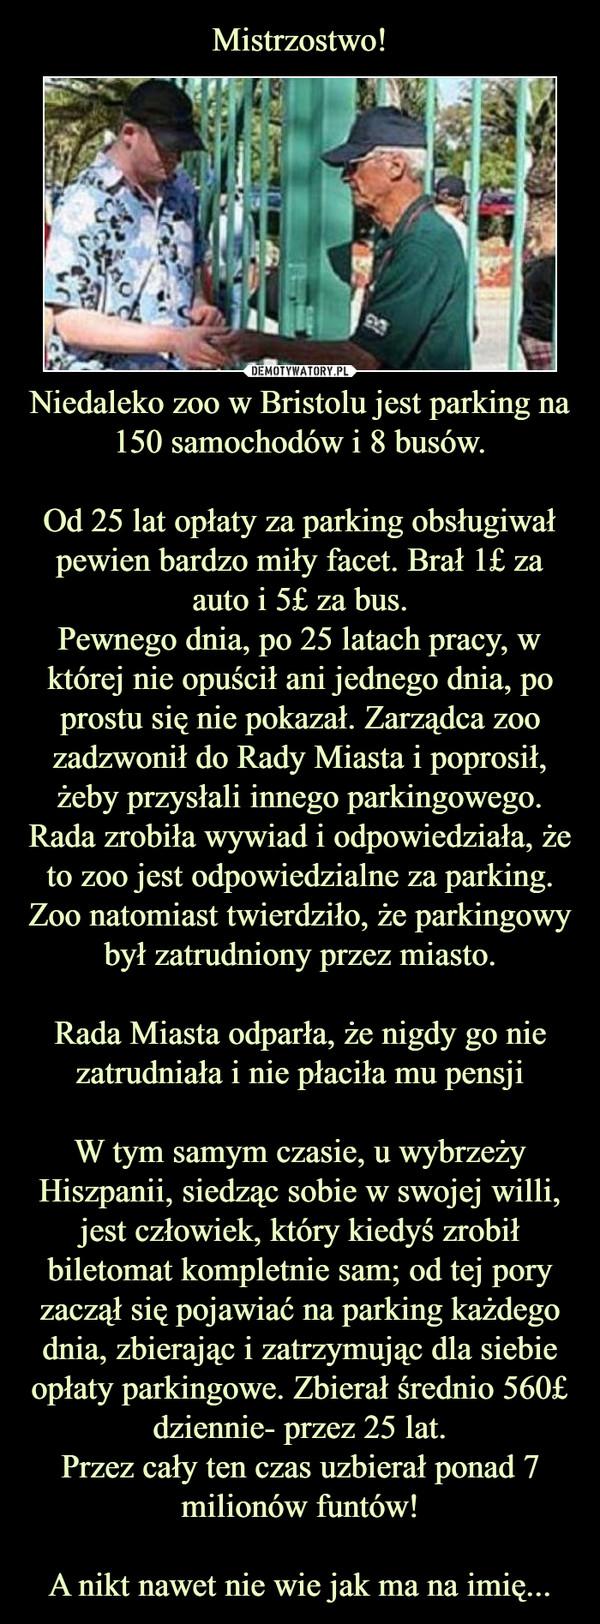 Niedaleko zoo w Bristolu jest parking na 150 samochodów i 8 busów.Od 25 lat opłaty za parking obsługiwał pewien bardzo miły facet. Brał 1£ za auto i 5£ za bus.Pewnego dnia, po 25 latach pracy, w której nie opuścił ani jednego dnia, po prostu się nie pokazał. Zarządca zoo zadzwonił do Rady Miasta i poprosił, żeby przysłali innego parkingowego.Rada zrobiła wywiad i odpowiedziała, że to zoo jest odpowiedzialne za parking. Zoo natomiast twierdziło, że parkingowy był zatrudniony przez miasto.Rada Miasta odparła, że nigdy go nie zatrudniała i nie płaciła mu pensjiW tym samym czasie, u wybrzeży Hiszpanii, siedząc sobie w swojej willi, jest człowiek, który kiedyś zrobił biletomat kompletnie sam; od tej pory zaczął się pojawiać na parking każdego dnia, zbierając i zatrzymując dla siebie opłaty parkingowe. Zbierał średnio 560£ dziennie- przez 25 lat.Przez cały ten czas uzbierał ponad 7 milionów funtów!A nikt nawet nie wie jak ma na imię... –